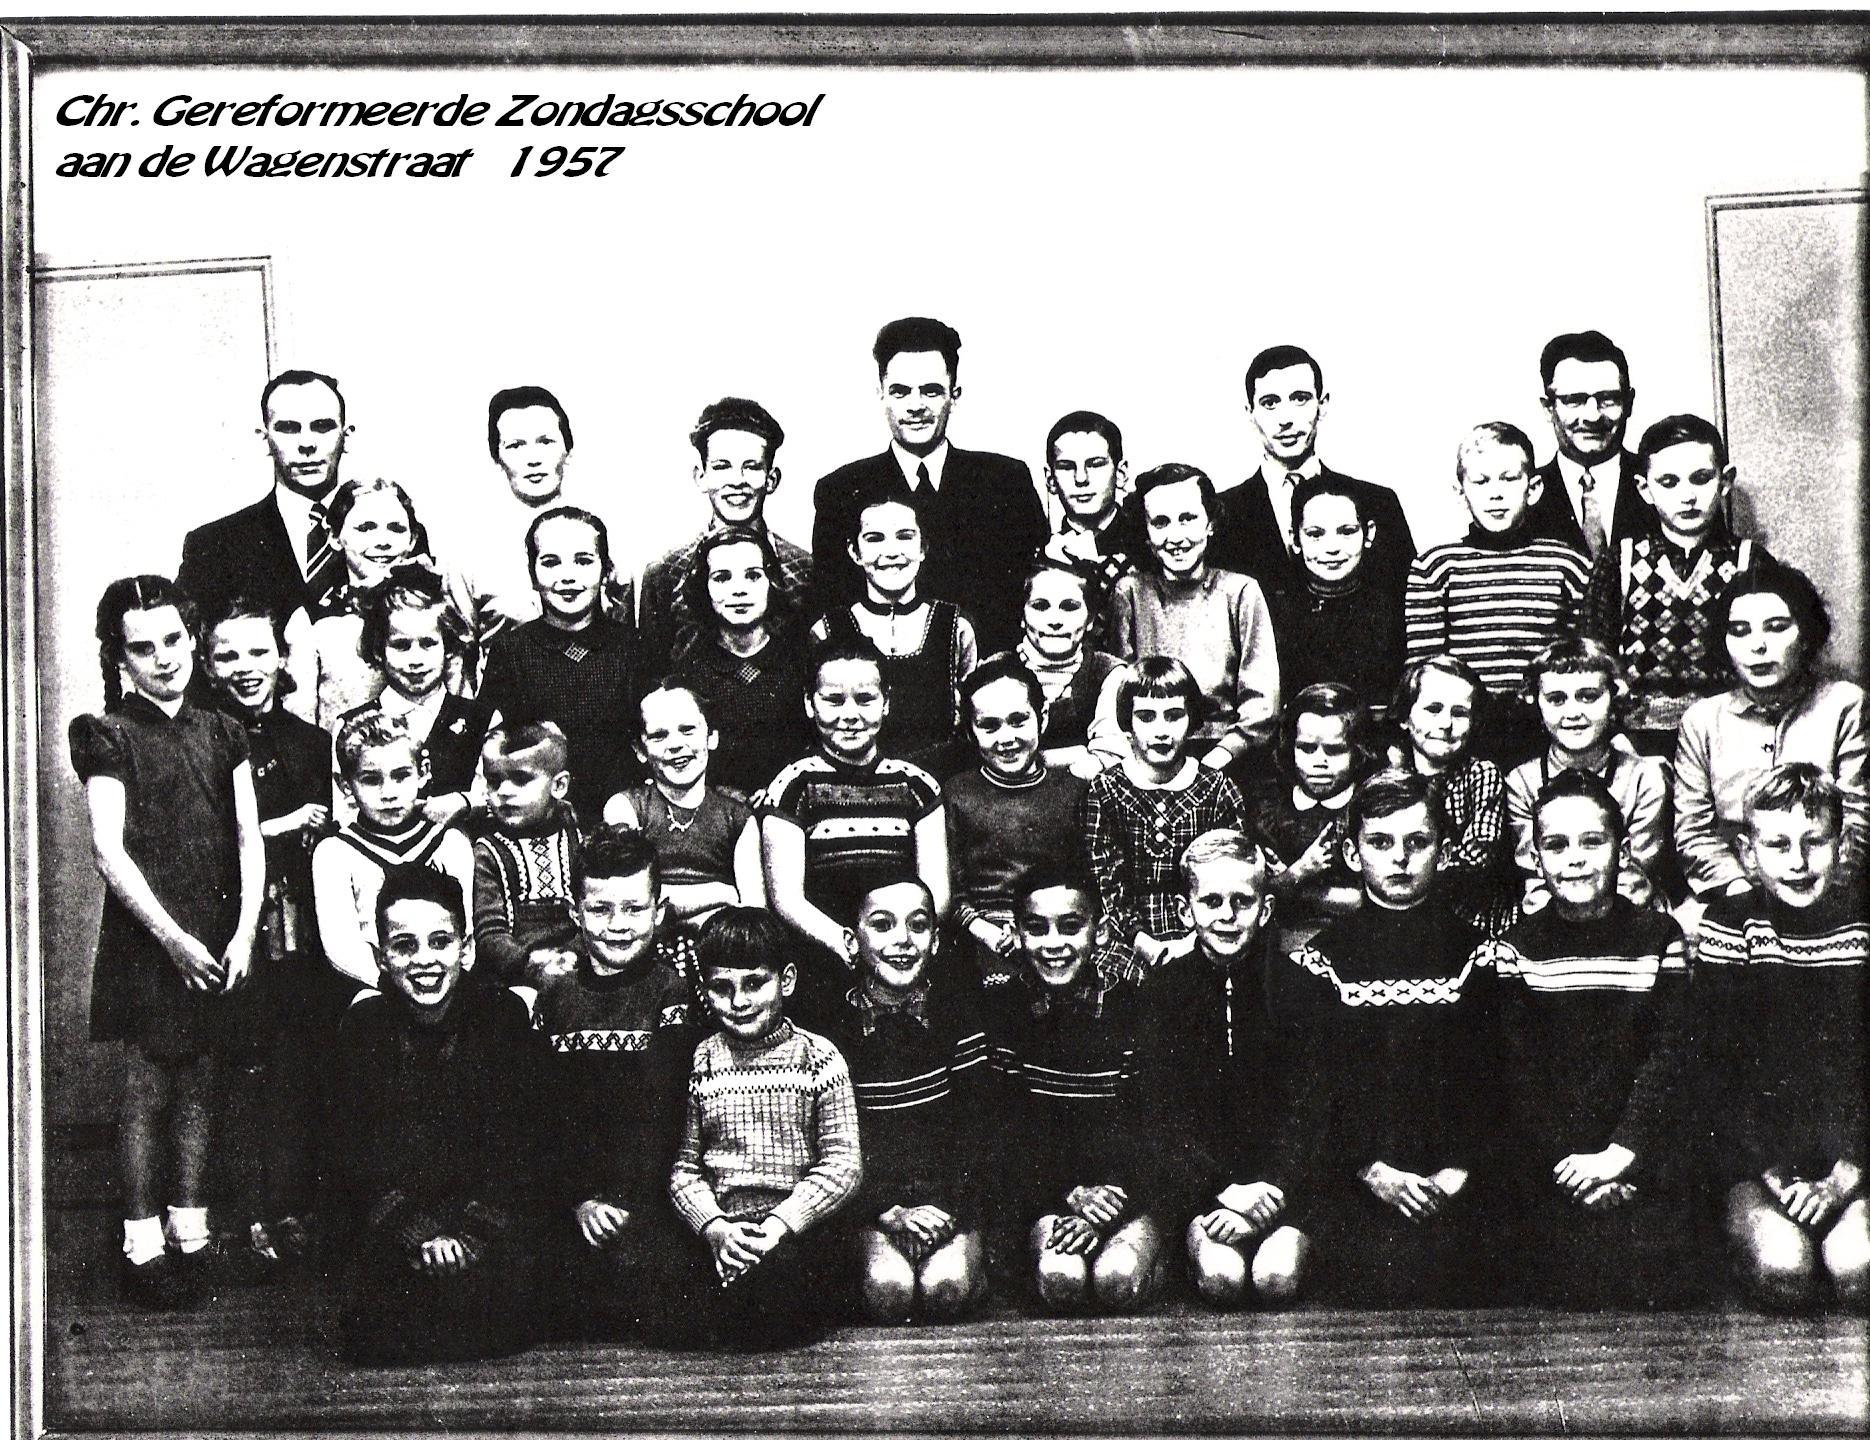 Christelijke gereformeerde Zondagsschool foto